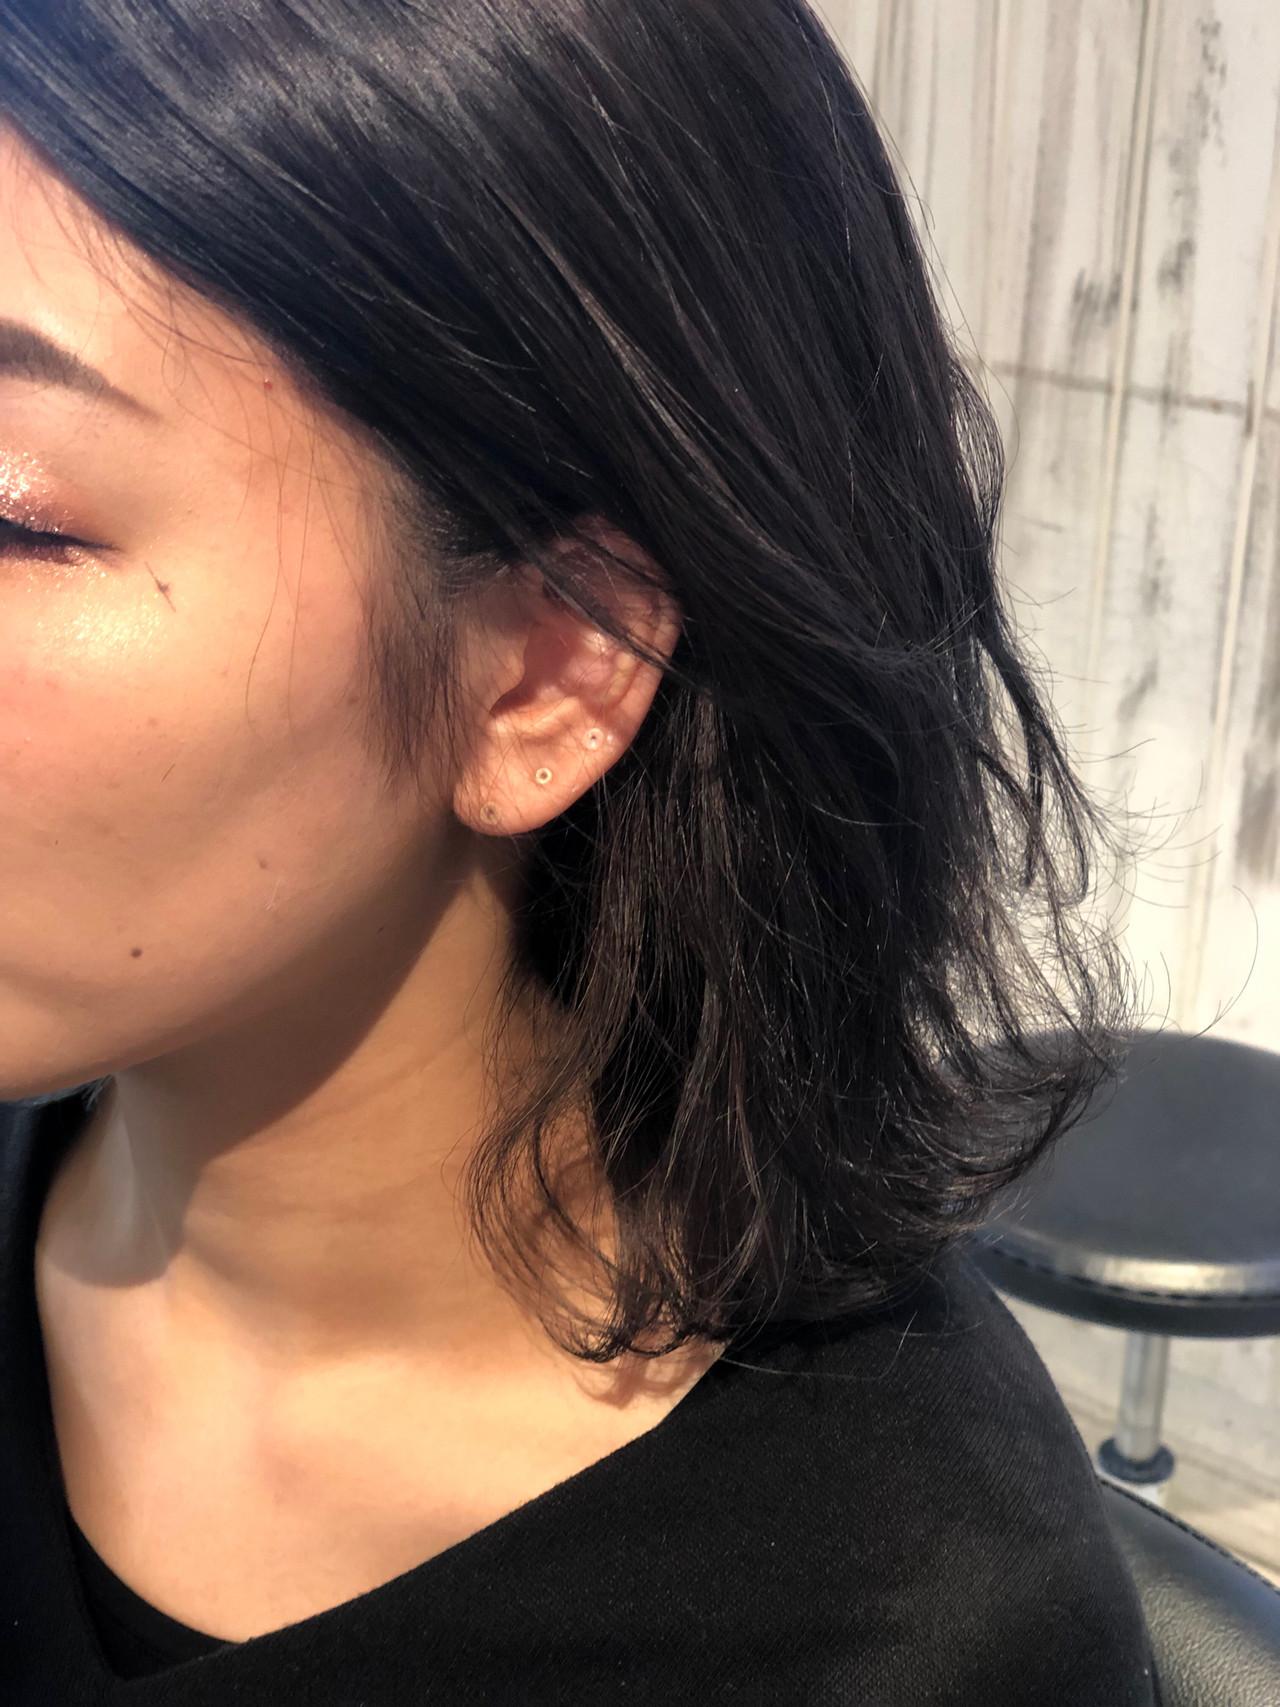 インナーカラーグレージュ 暗髪 ナチュラル インナーカラーグレー ヘアスタイルや髪型の写真・画像